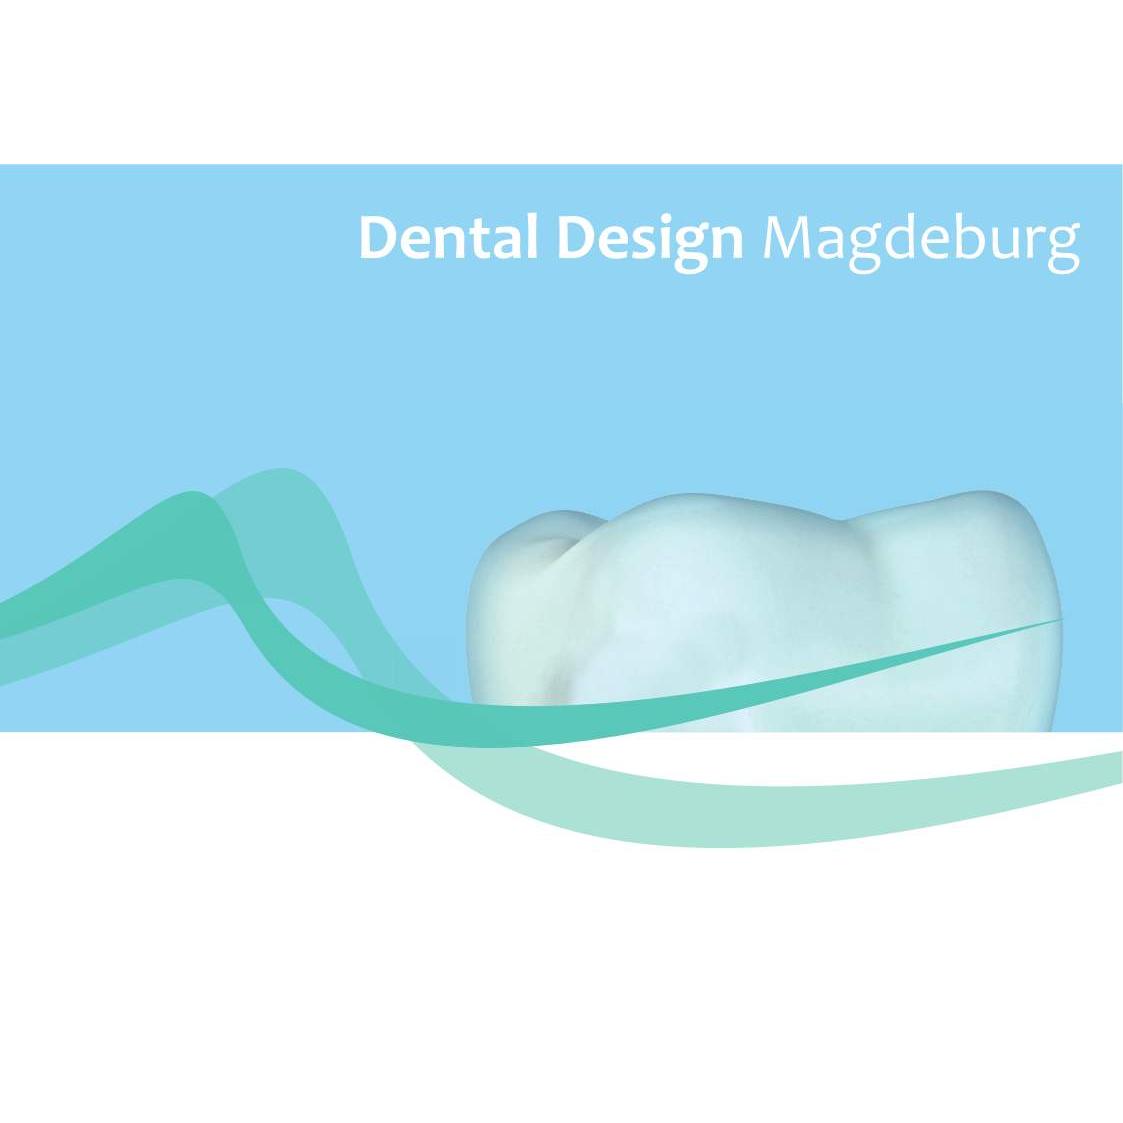 Dental Design Magdeburg